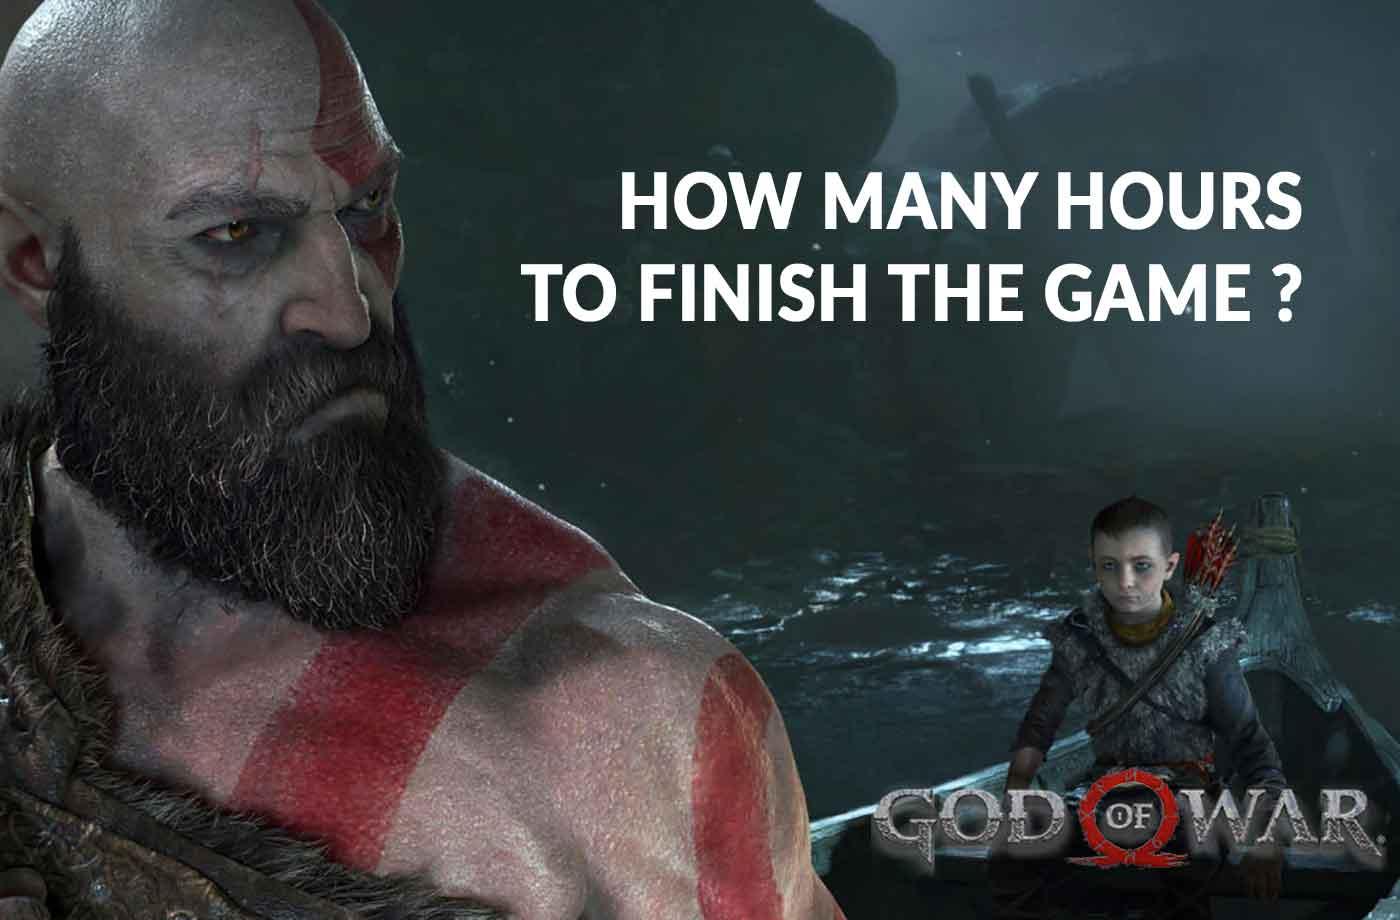 god of war 4 achievement guide